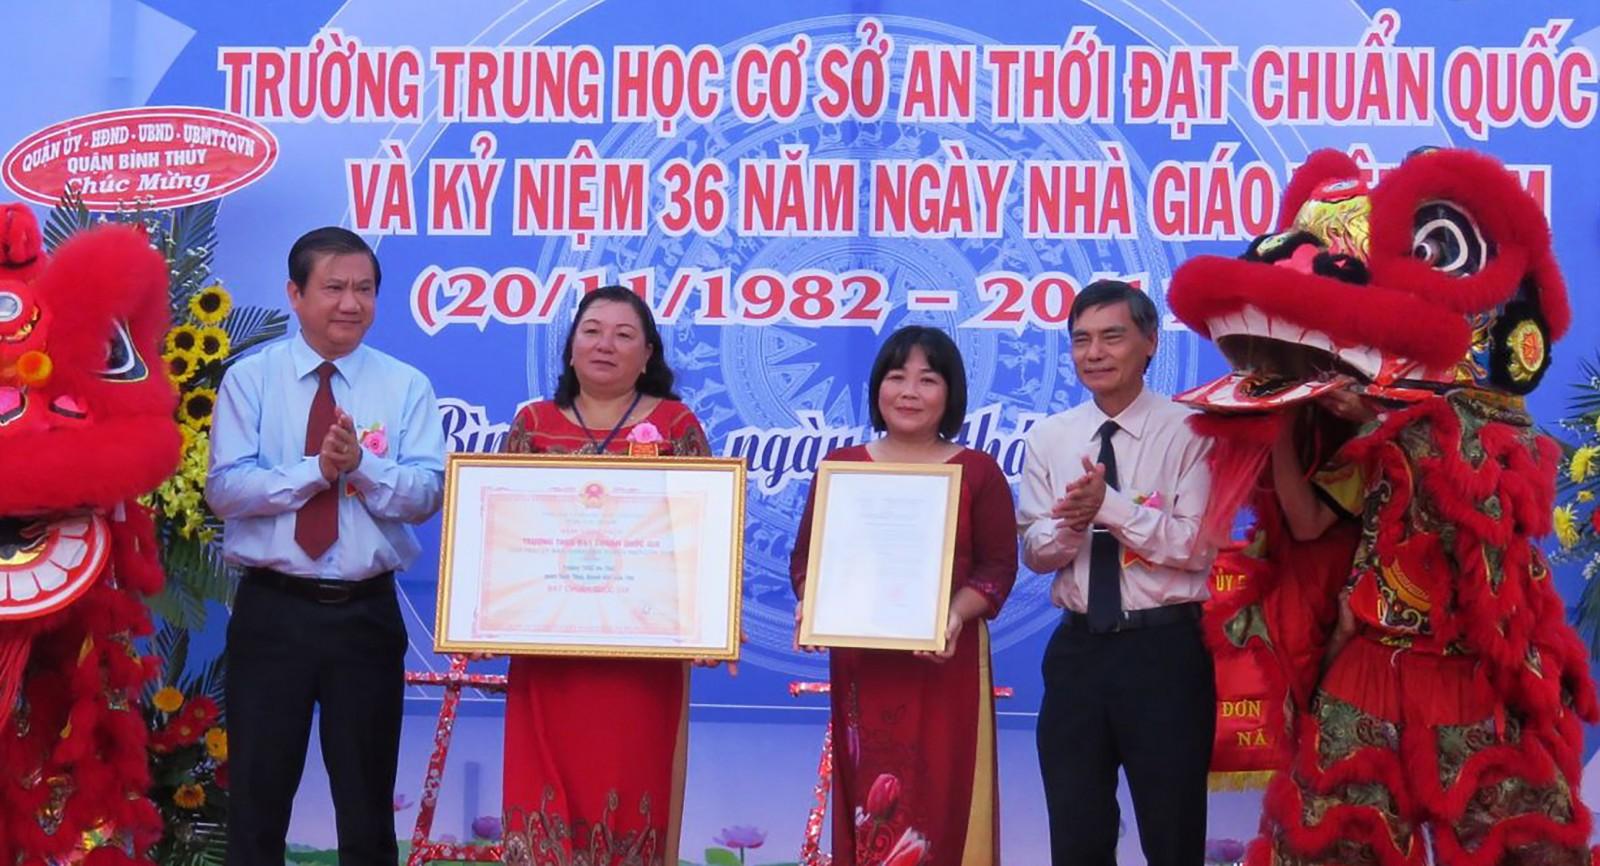 Đại diện Ban Giám hiệu Trường THCS An Thới đón Bằng công nhận trường đạt chuẩn quốc gia. Ảnh: B.KIÊN